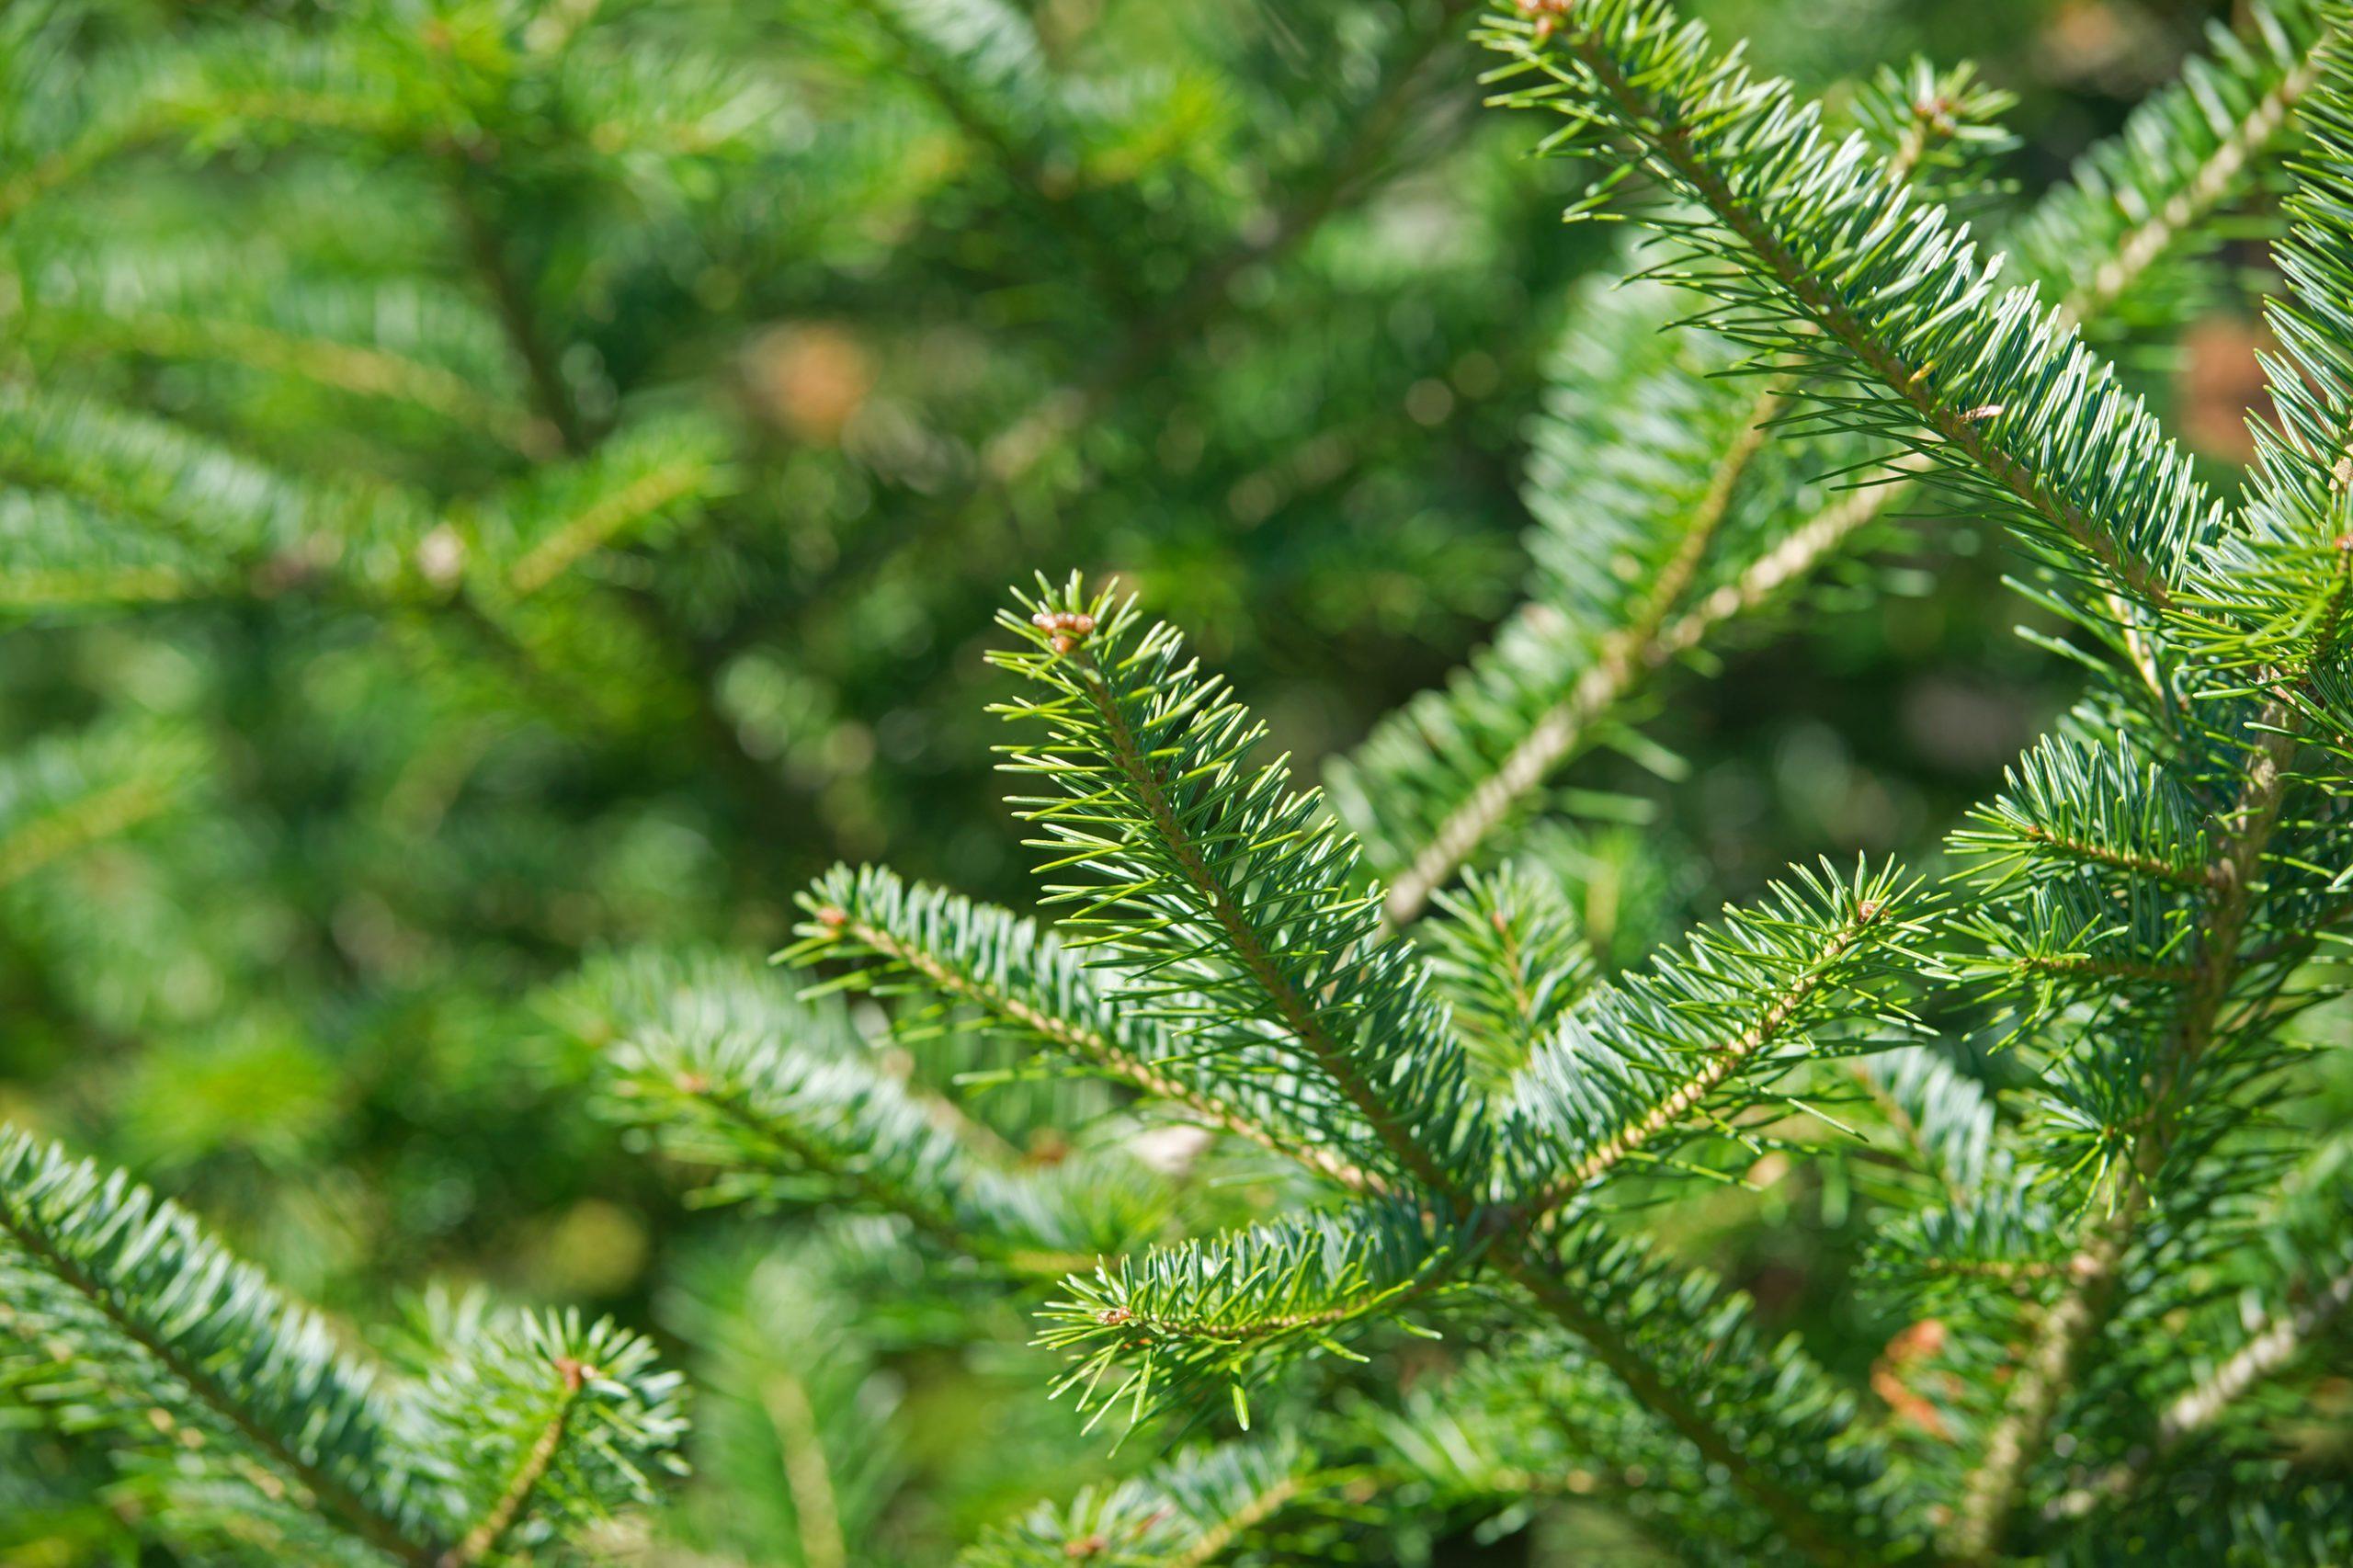 Balsam Fir tree tips